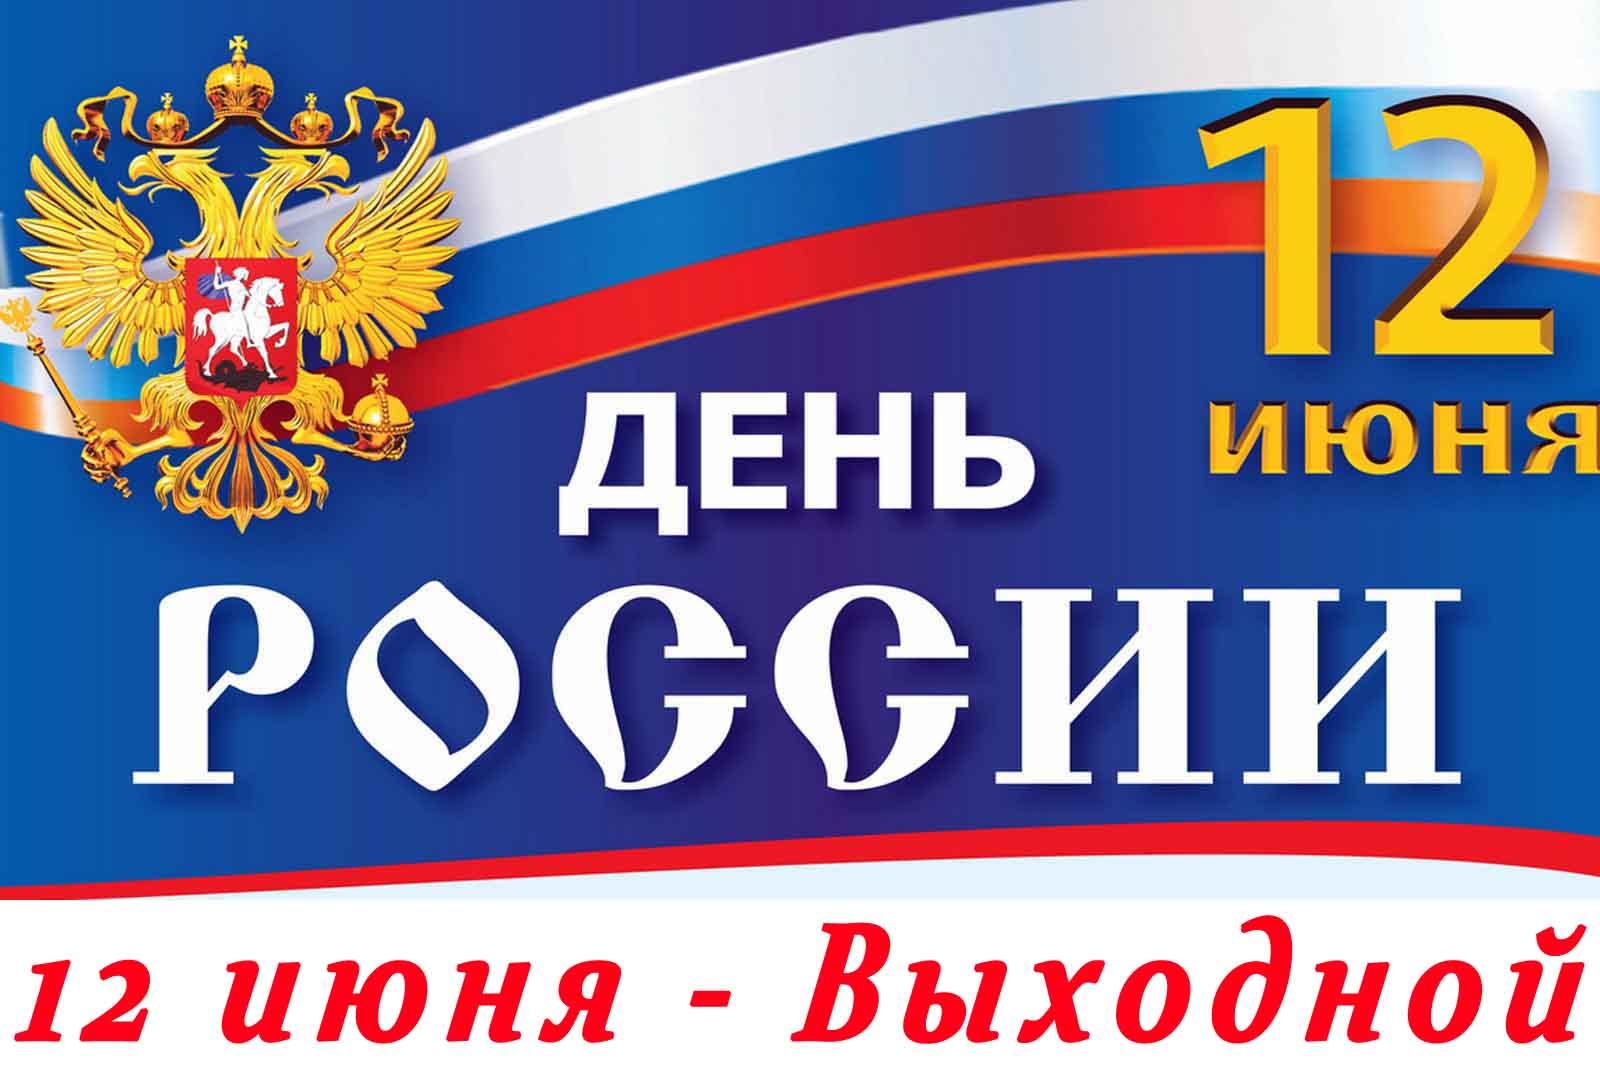 95fff83b16ba «Студия текстильного дизайна» г. Иваново - производство и продажа гобеленов